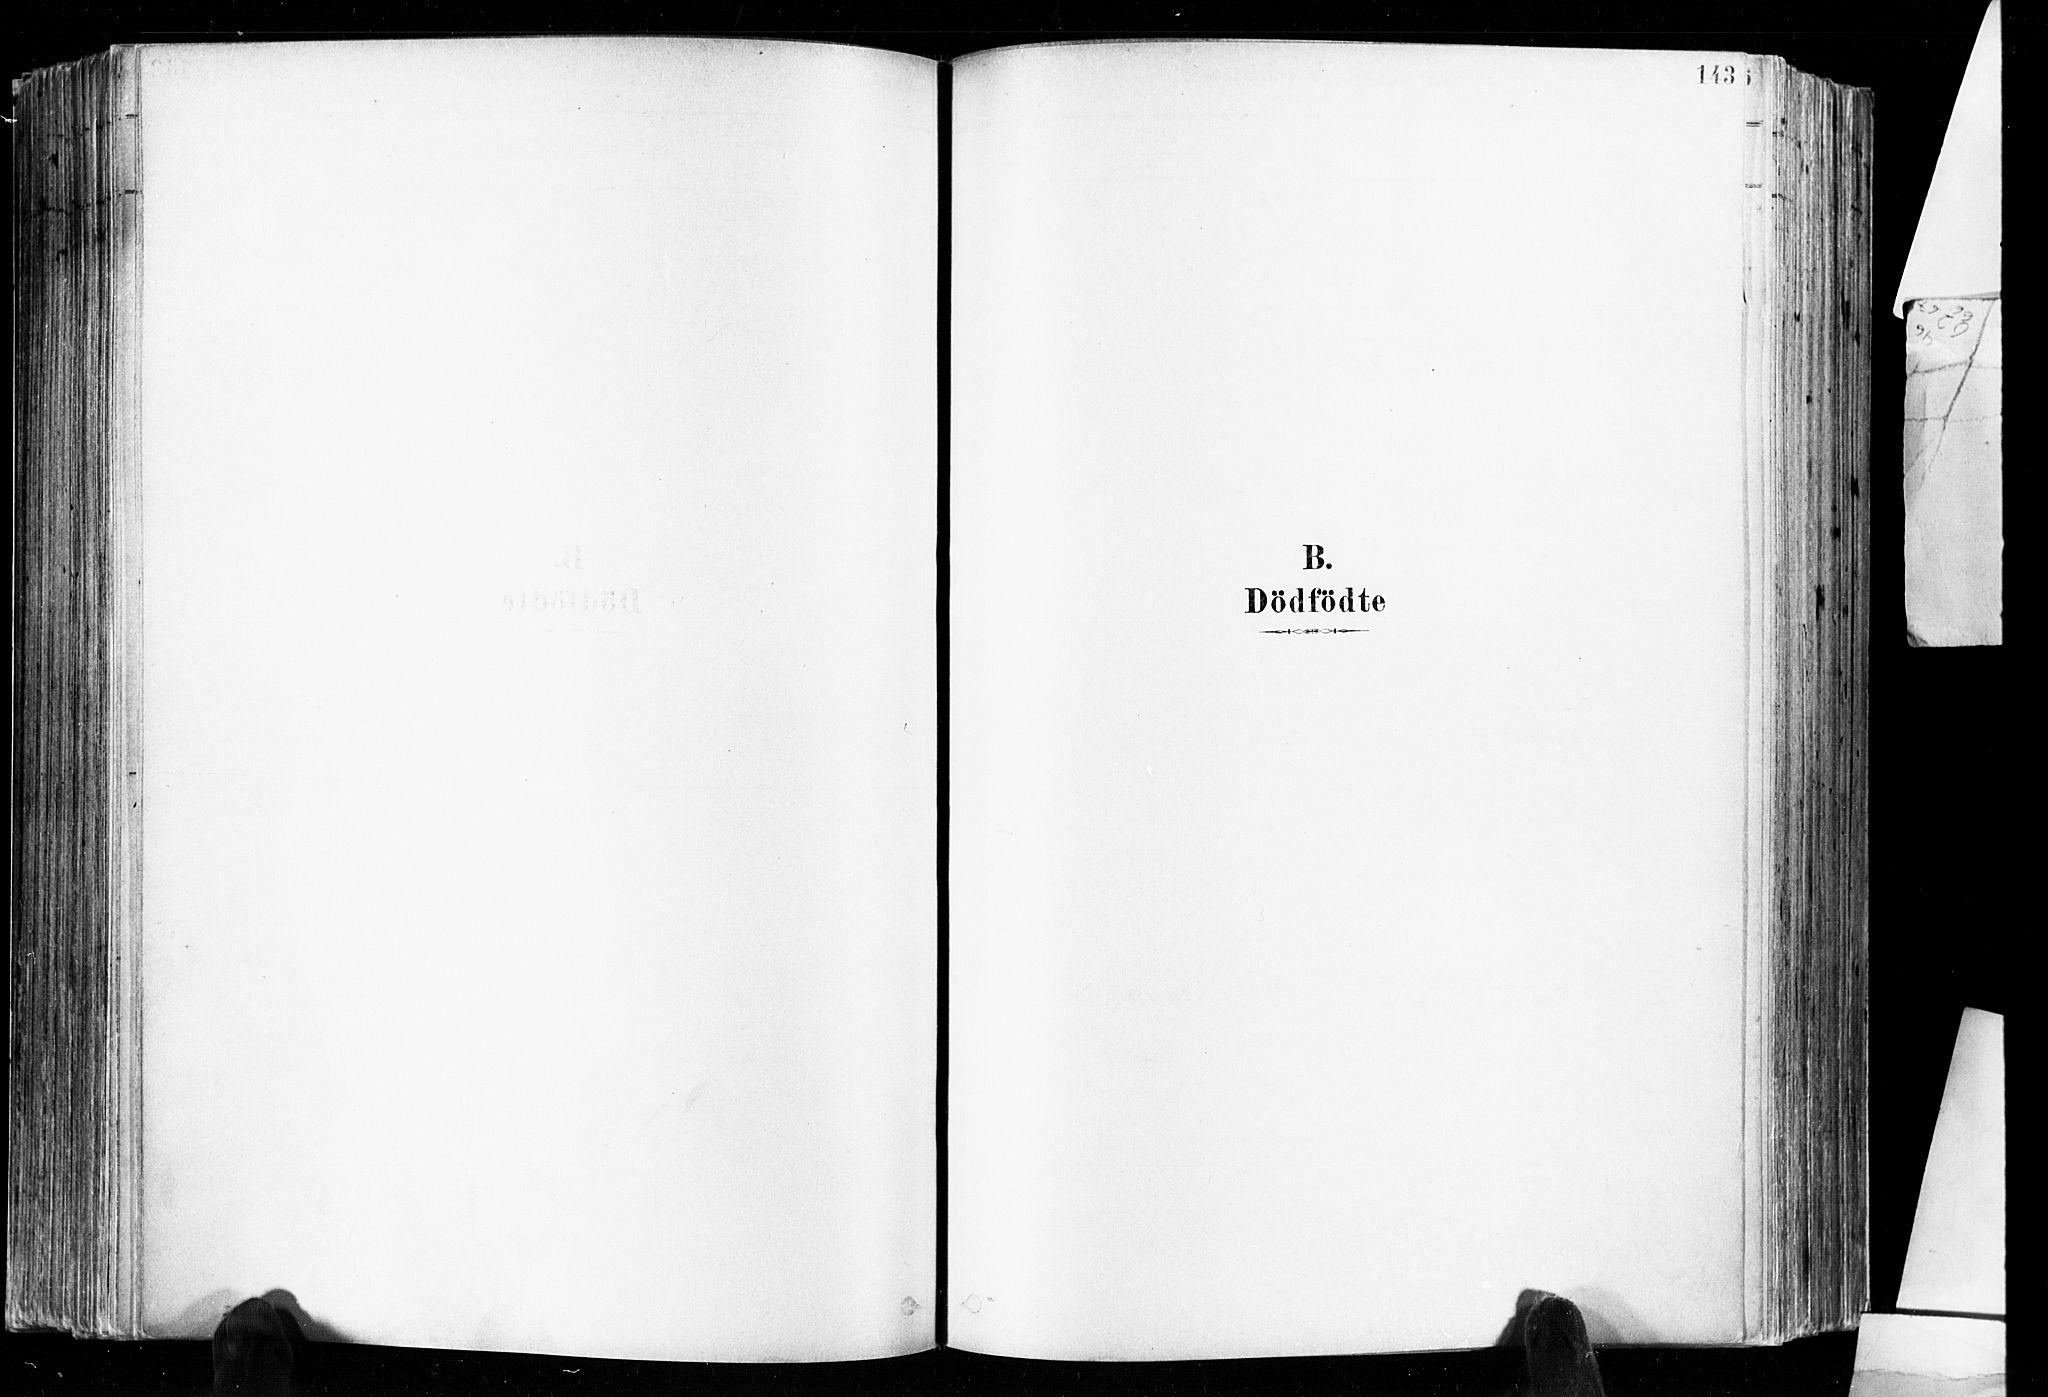 SAKO, Skien kirkebøker, F/Fa/L0009: Ministerialbok nr. 9, 1878-1890, s. 143